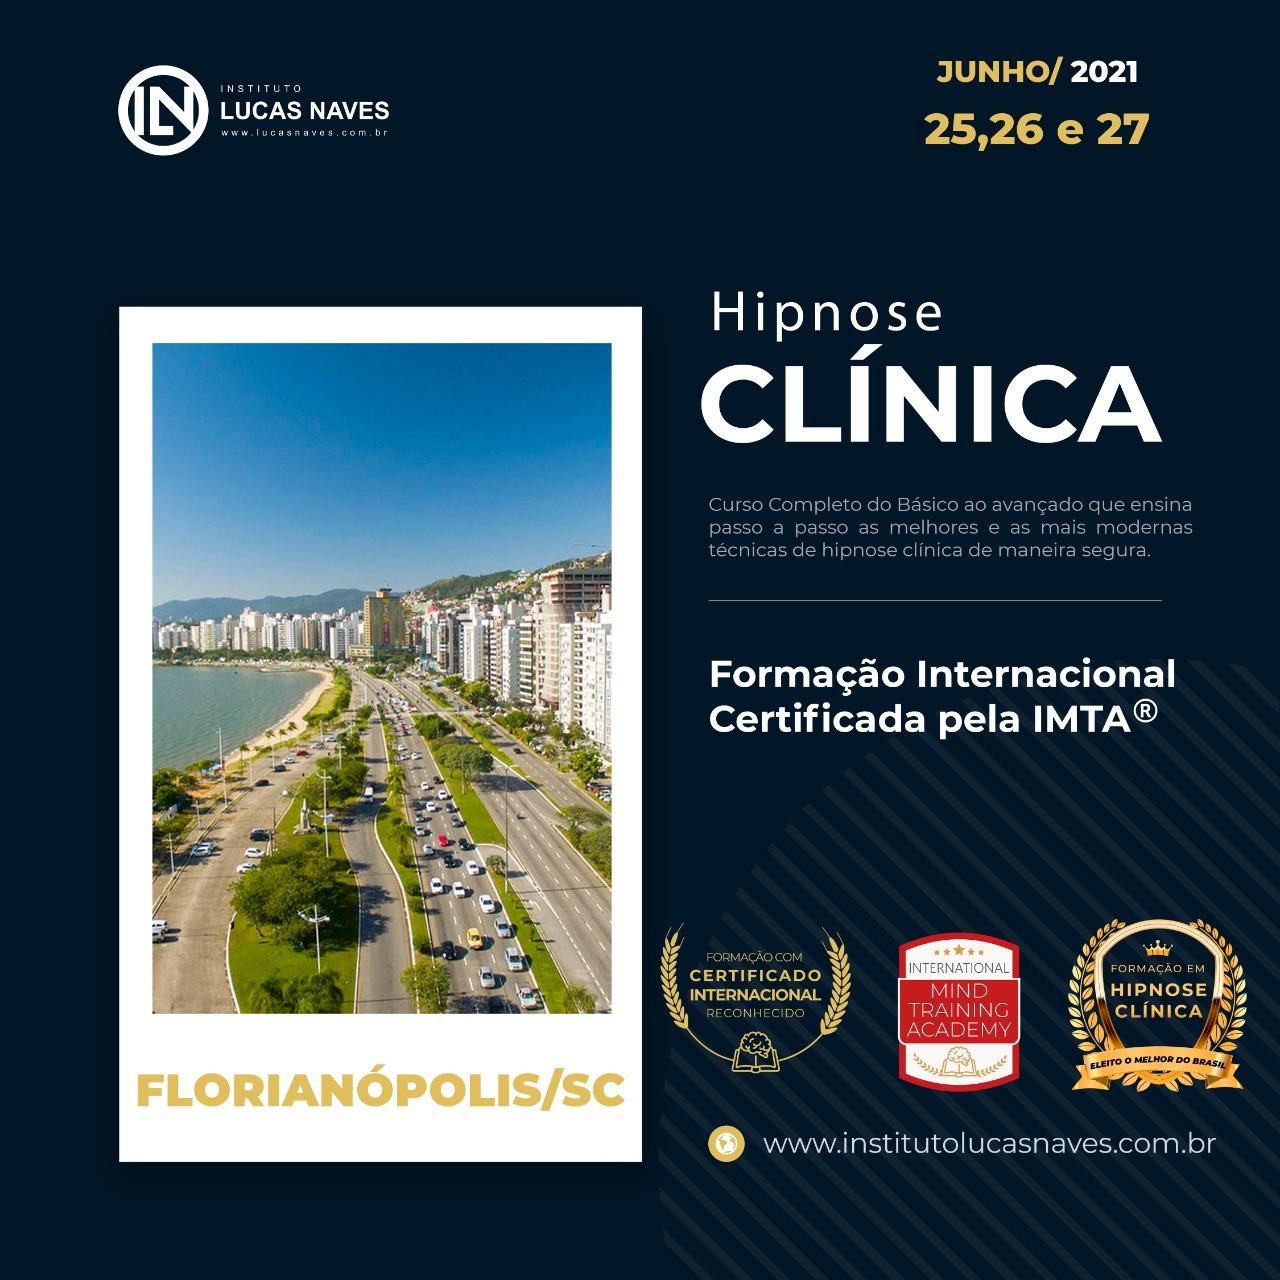 Formação Internacional em Hipnose Clínica / Florianópolis